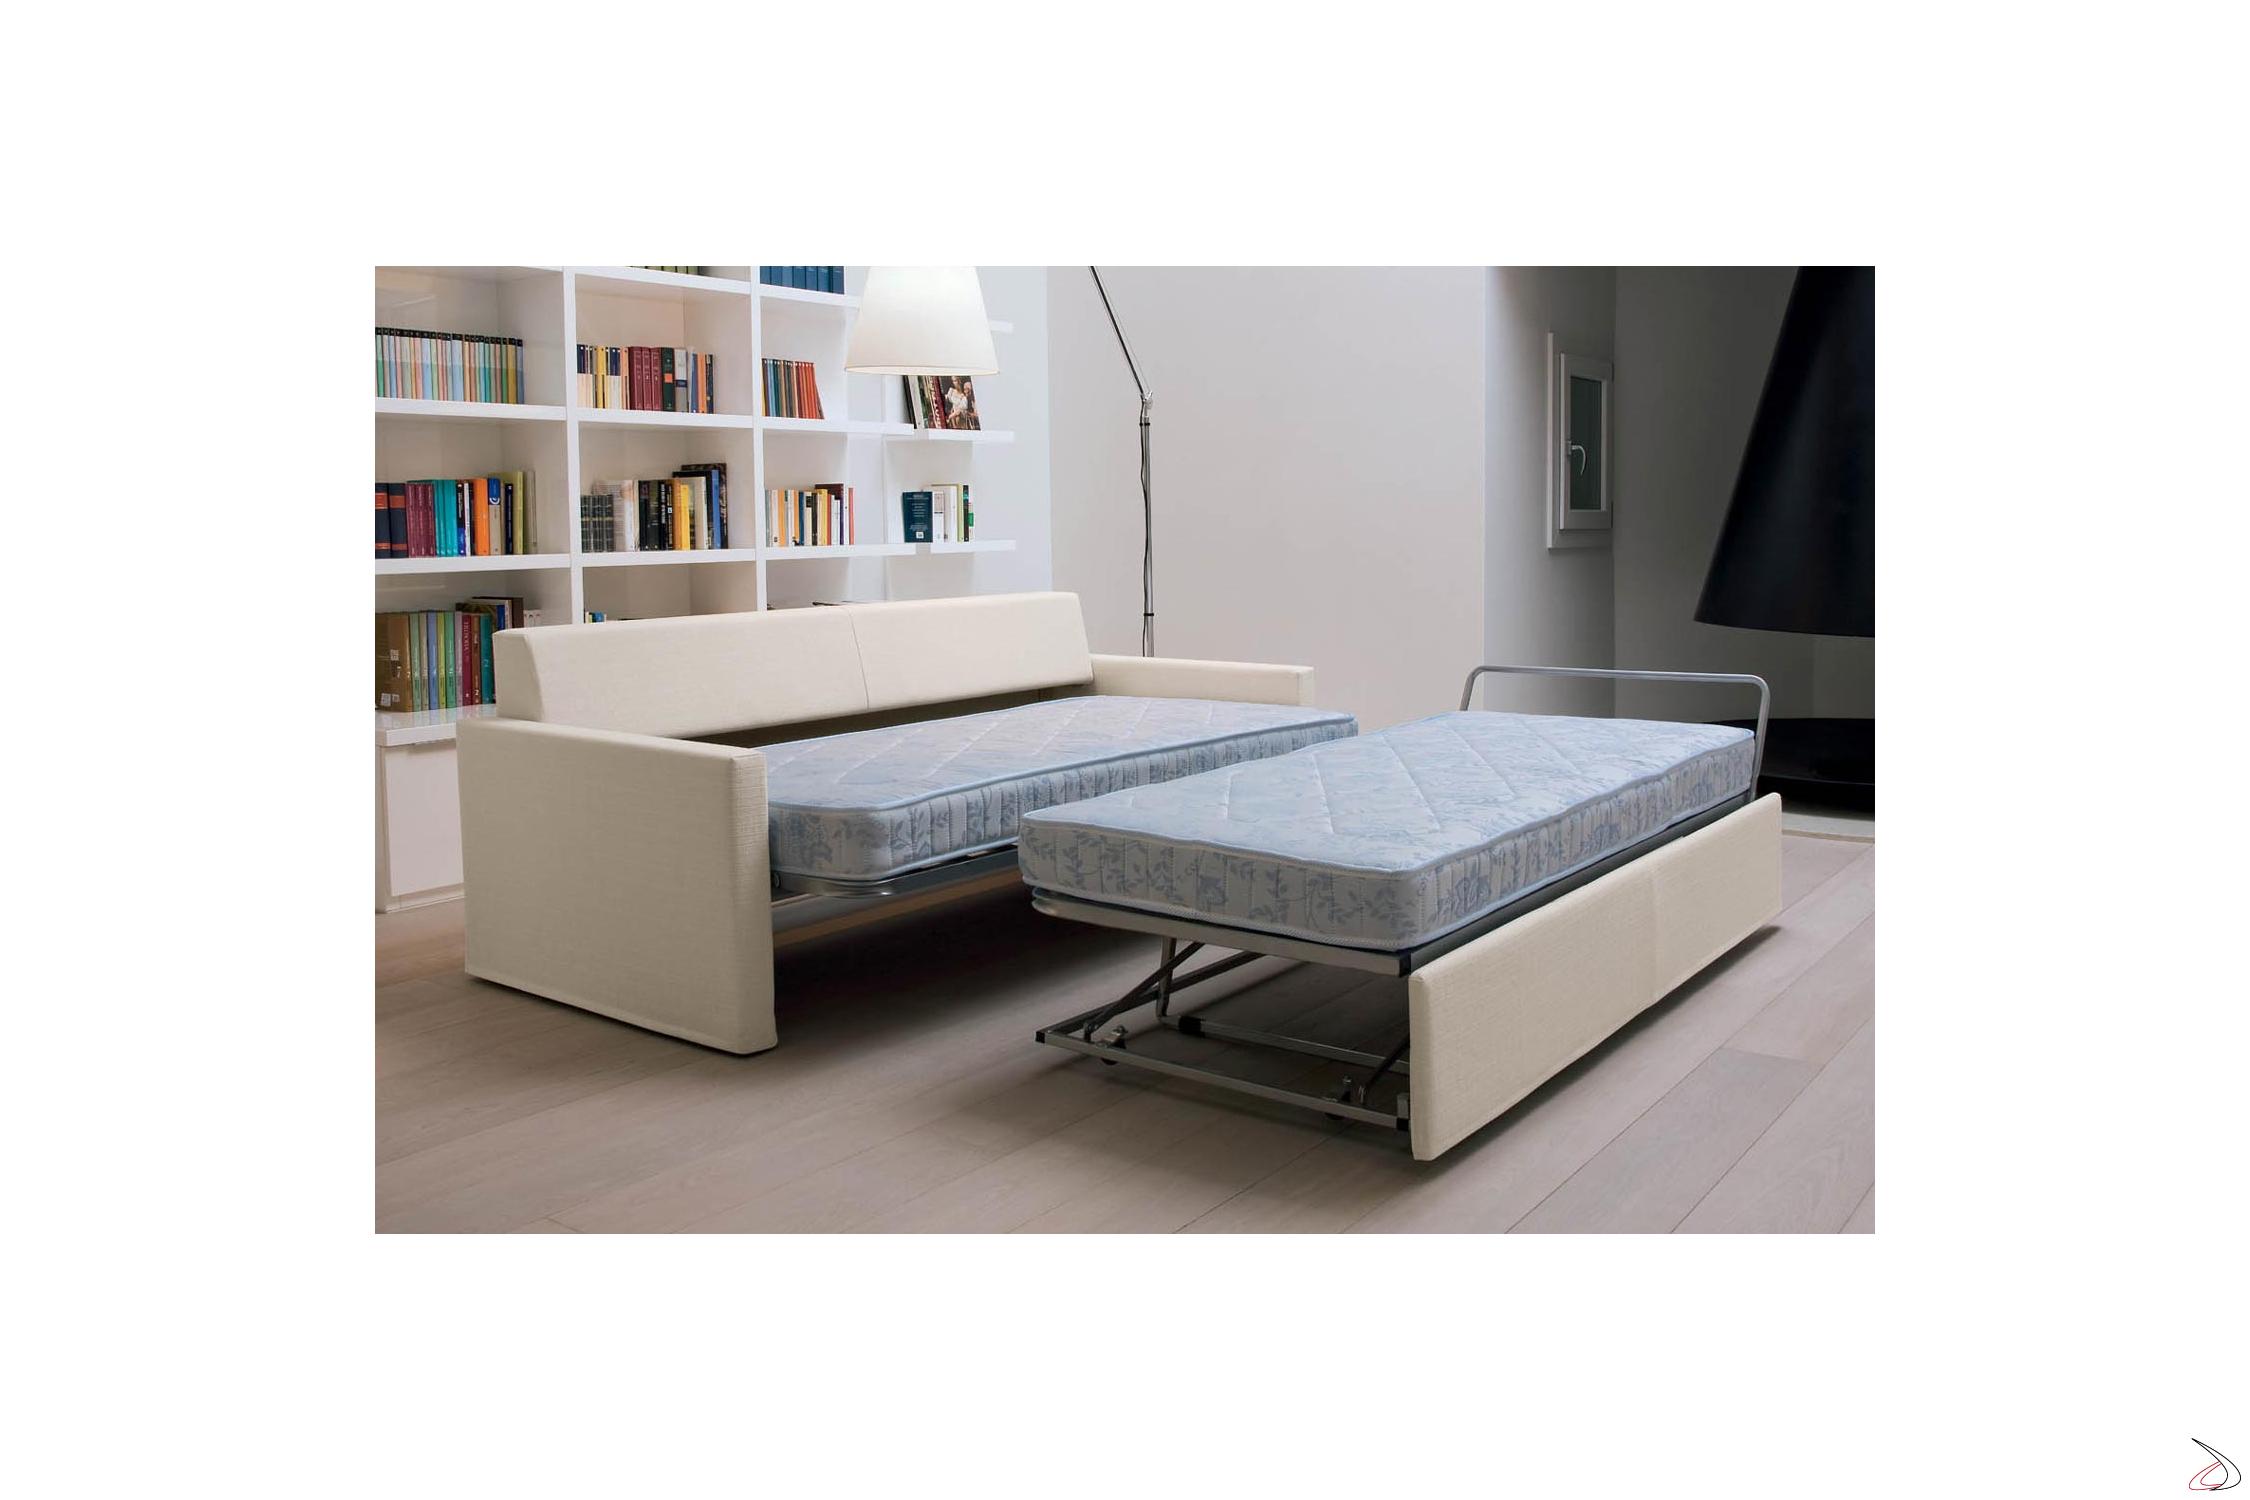 Divano Letto Con Materasso Ortopedico.Sofa Convertible Into 2 Paiper Beds Toparredi Arredo Design Online